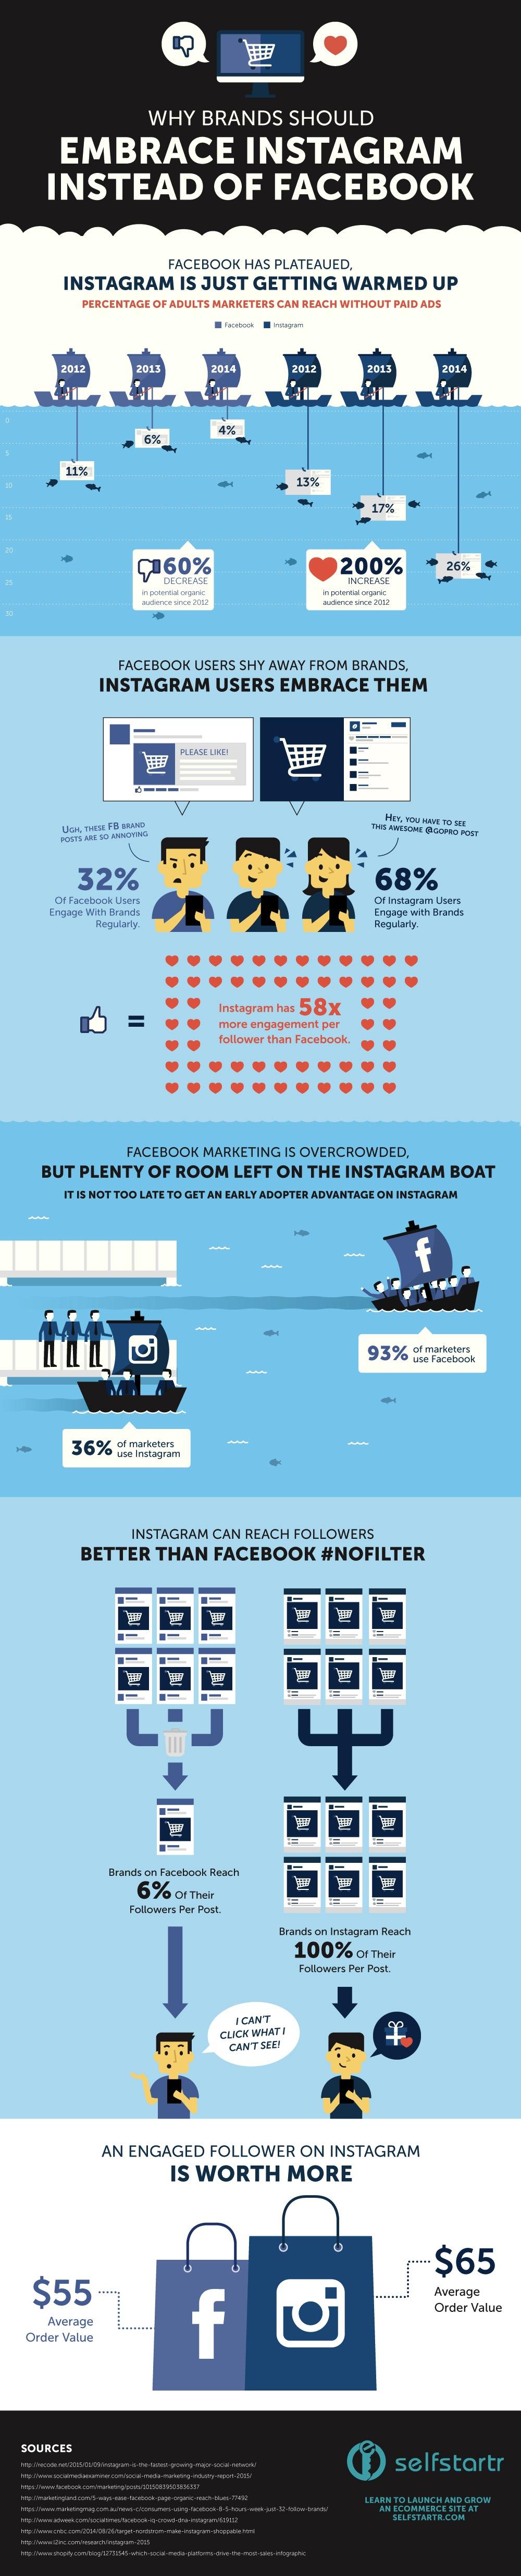 Este es el porqué las marcas deberían comenzar a adoptar Instagram en lugar de Facebook